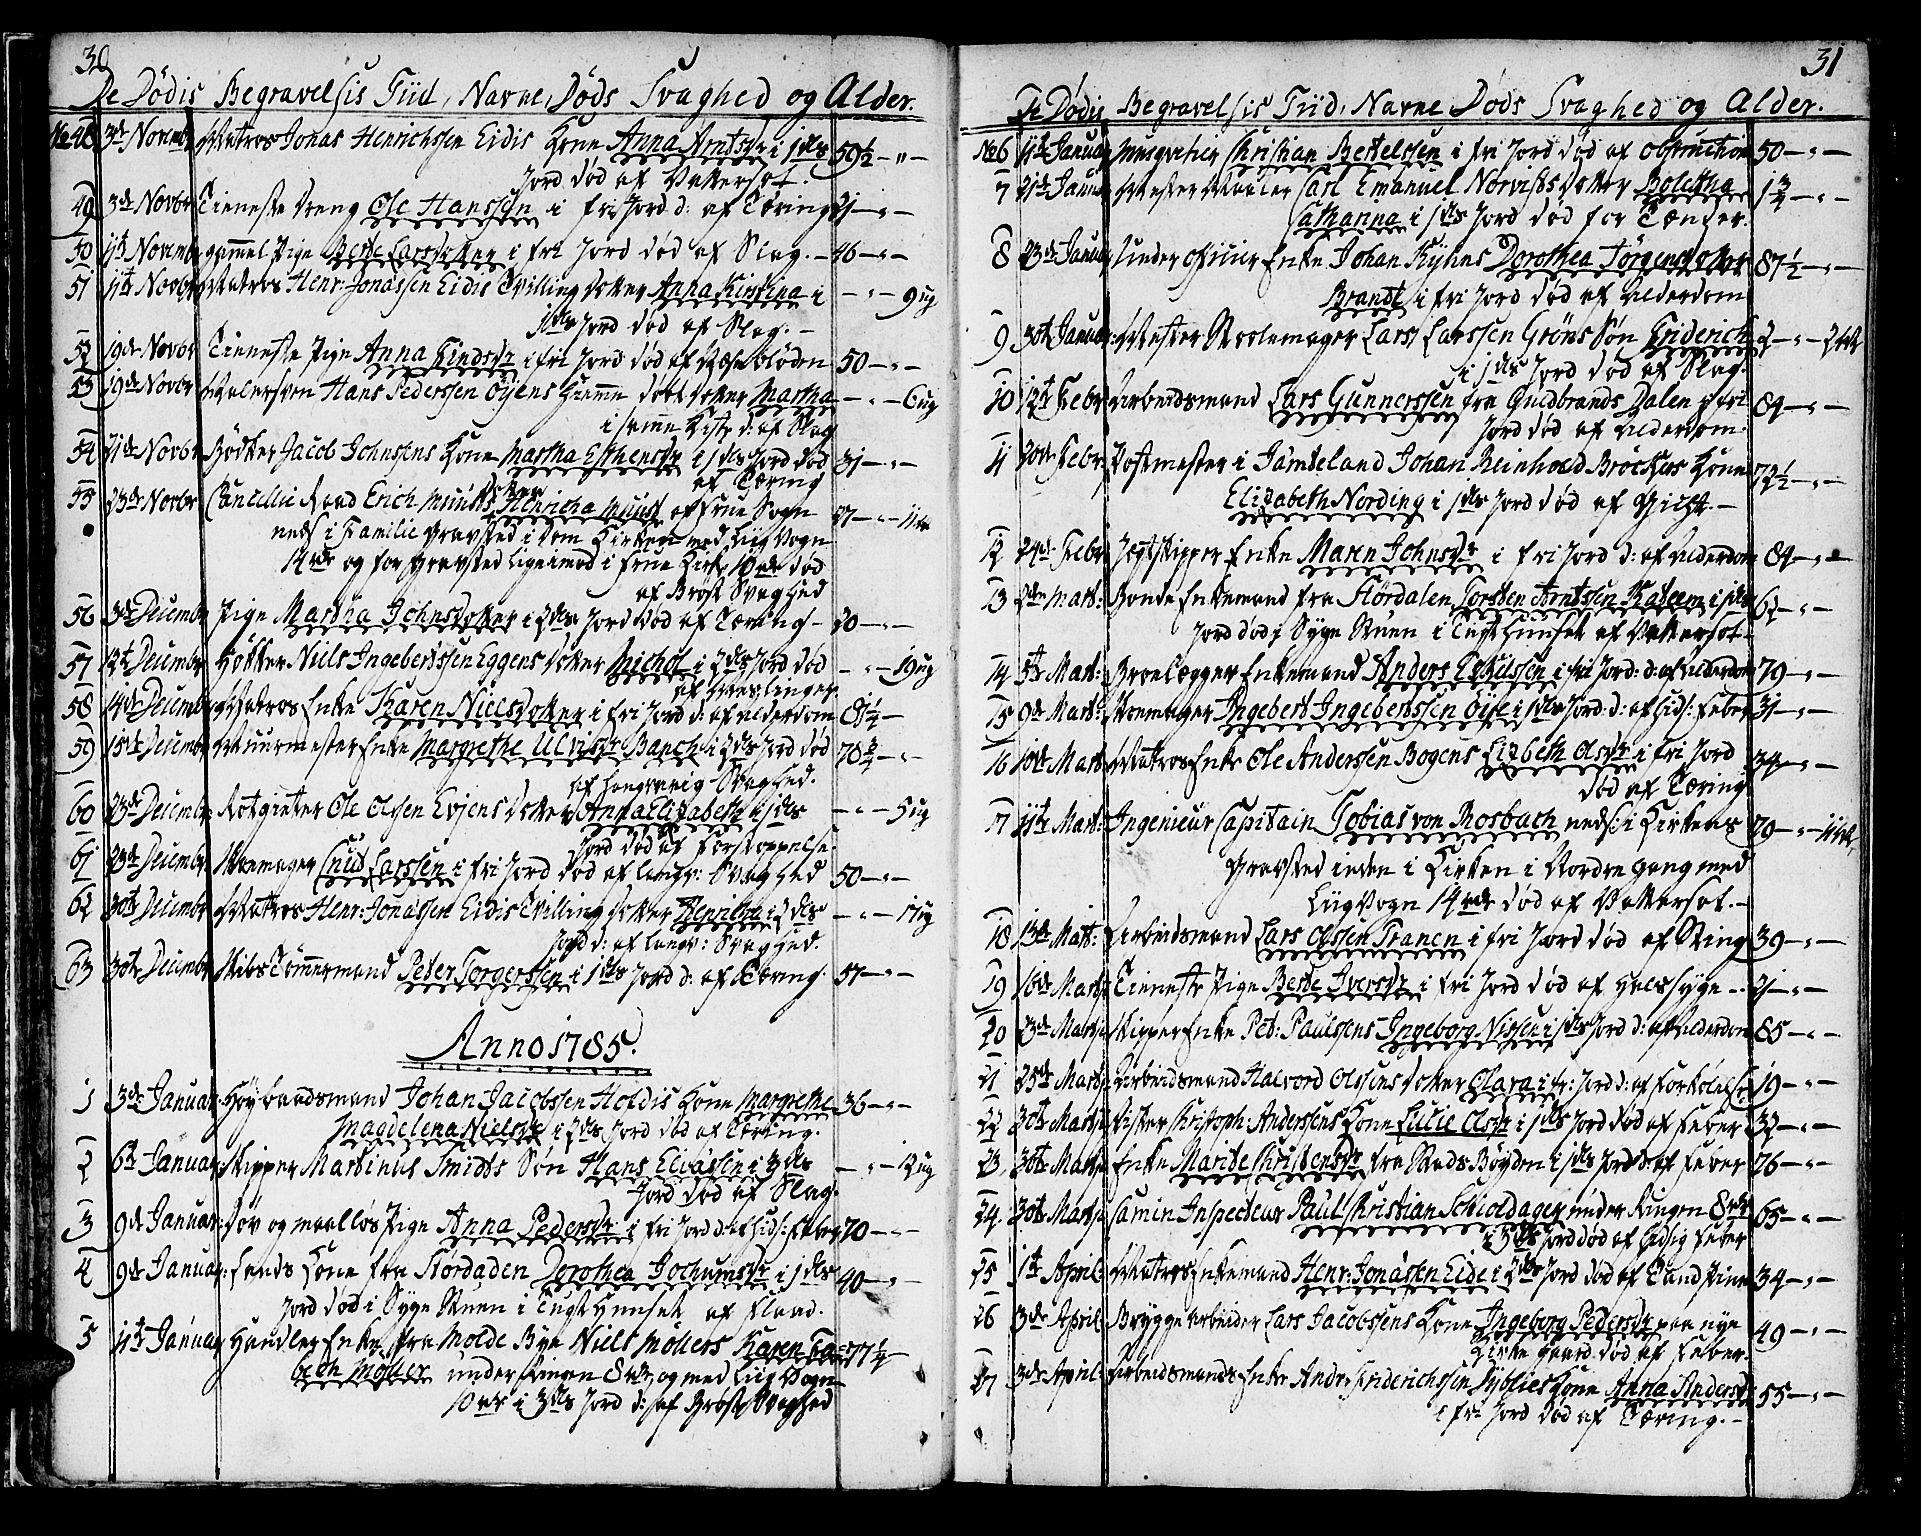 SAT, Ministerialprotokoller, klokkerbøker og fødselsregistre - Sør-Trøndelag, 602/L0106: Ministerialbok nr. 602A04, 1774-1814, s. 30-31